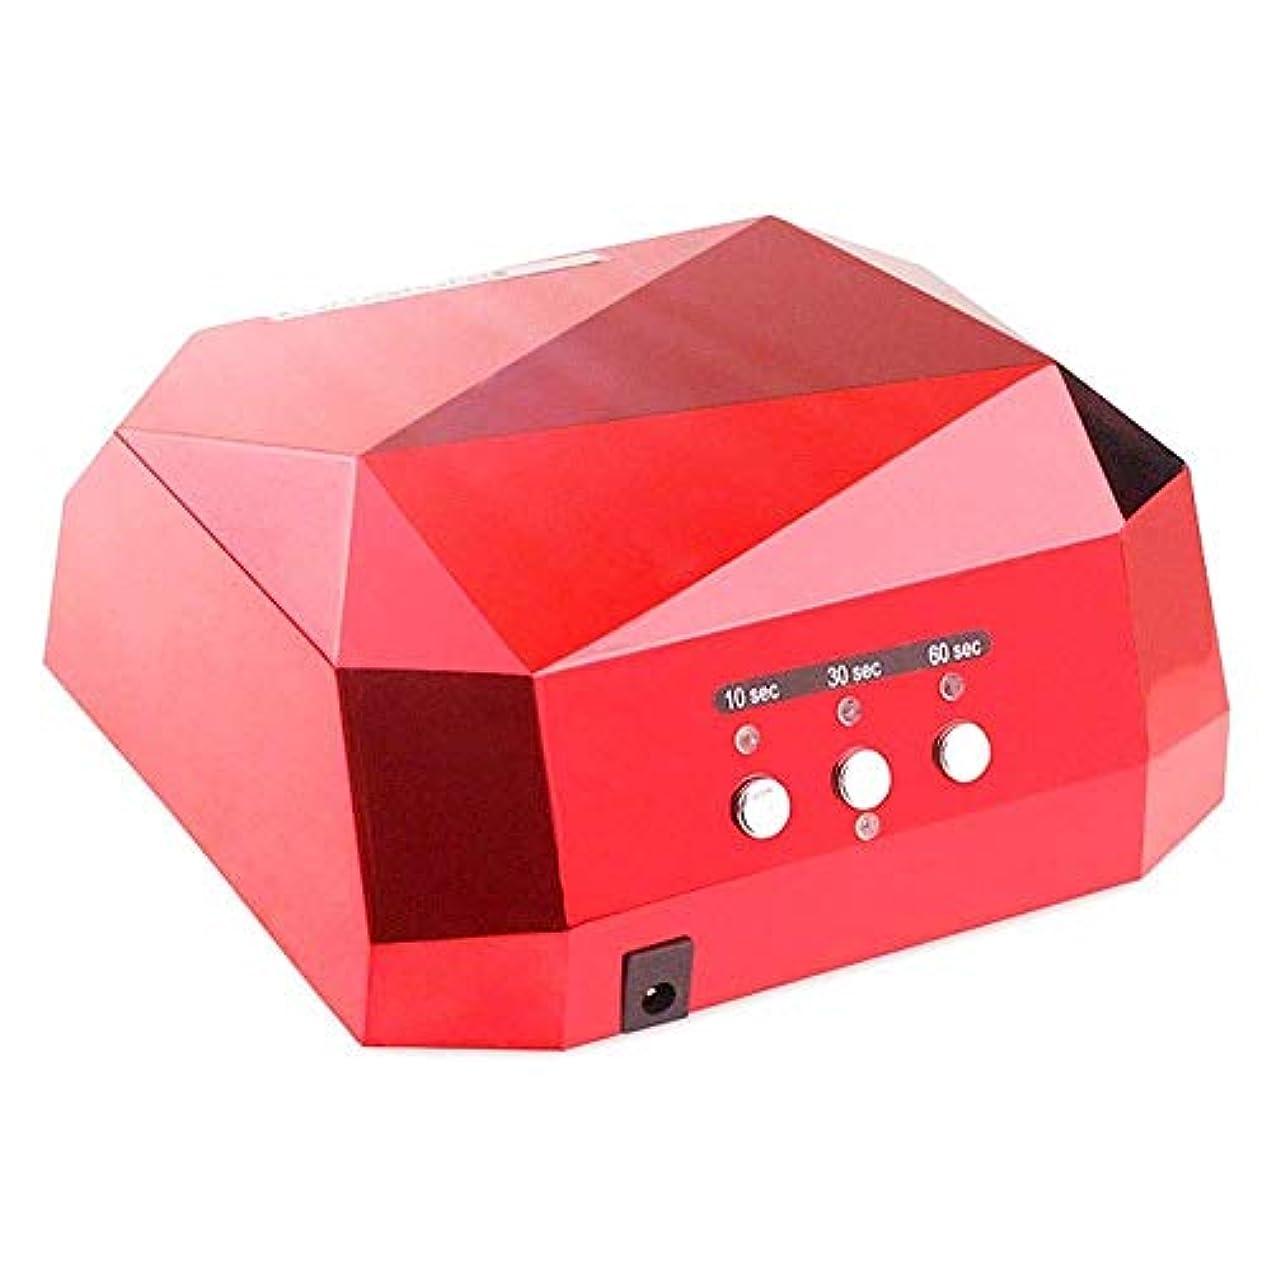 同等の静脈キャプションDHINGM 12のLEDライト付きネイルランプ、ダイヤモンドLEDネイルライトセンサー36 W LEDネイル乾燥ランプ、インテリジェントな自動センシングは、耐久性に優れ、爪を傷つけることはありません